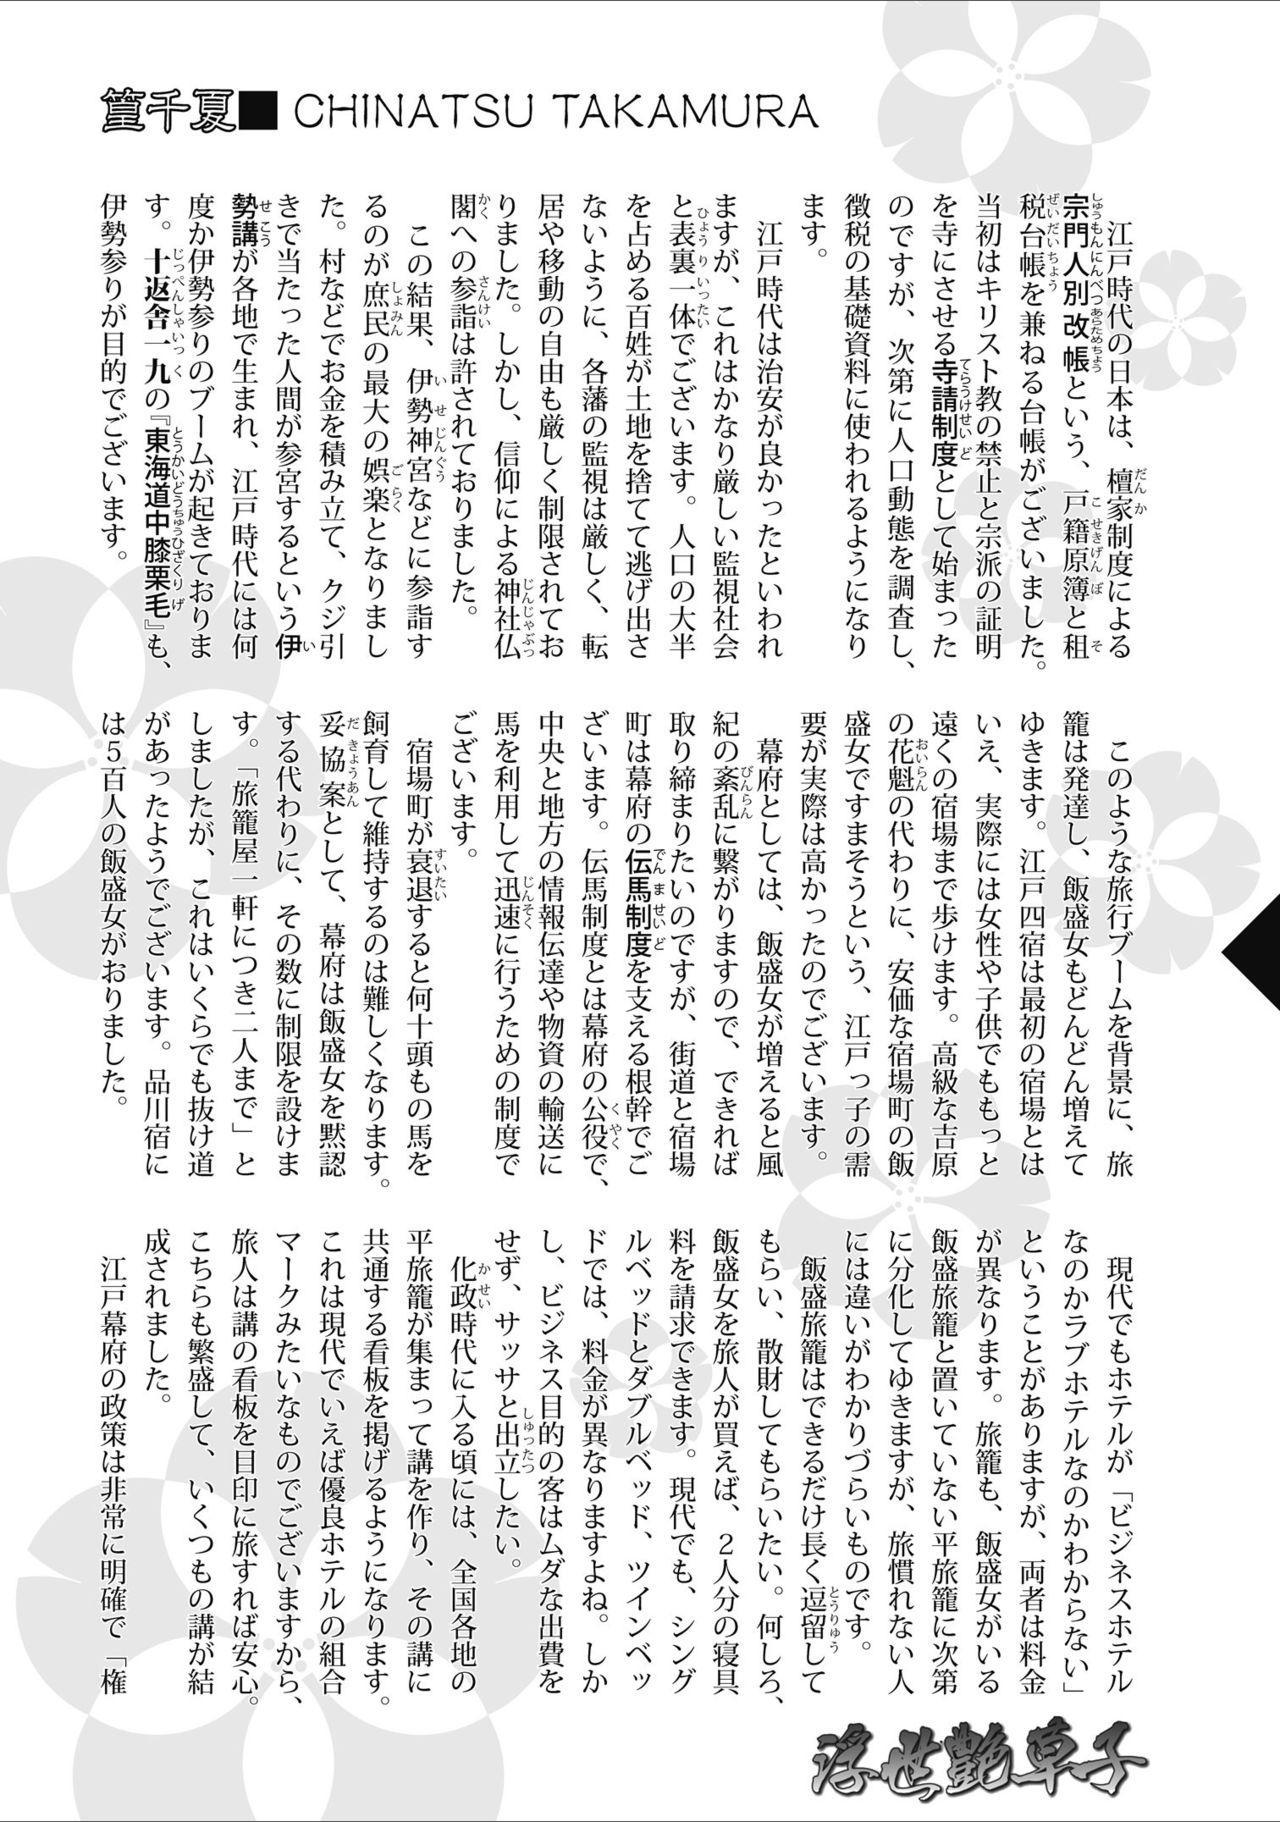 ひめごと 浮世艶草子 221